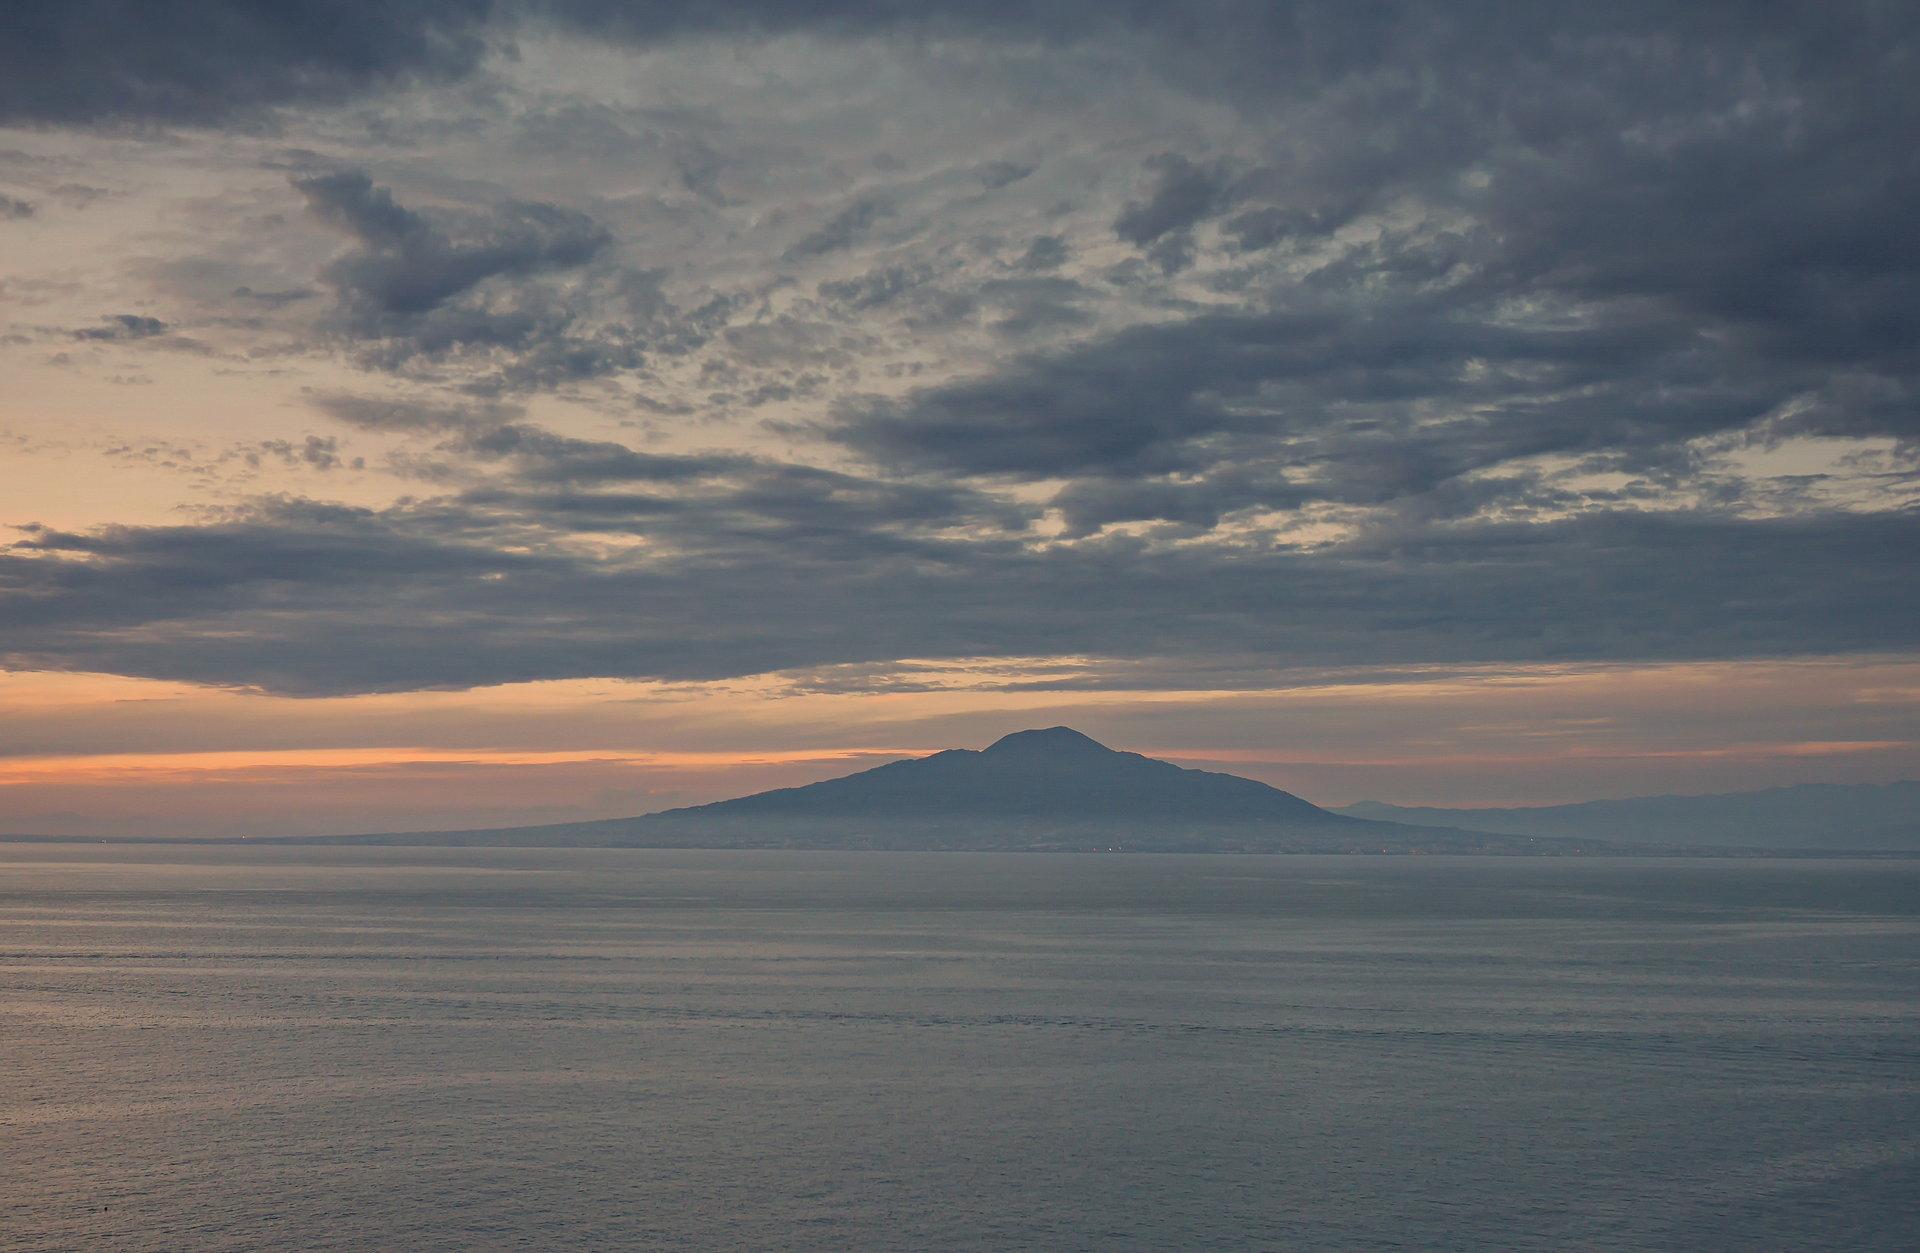 Photo in Landscape | Author joroblg | PHOTO FORUM